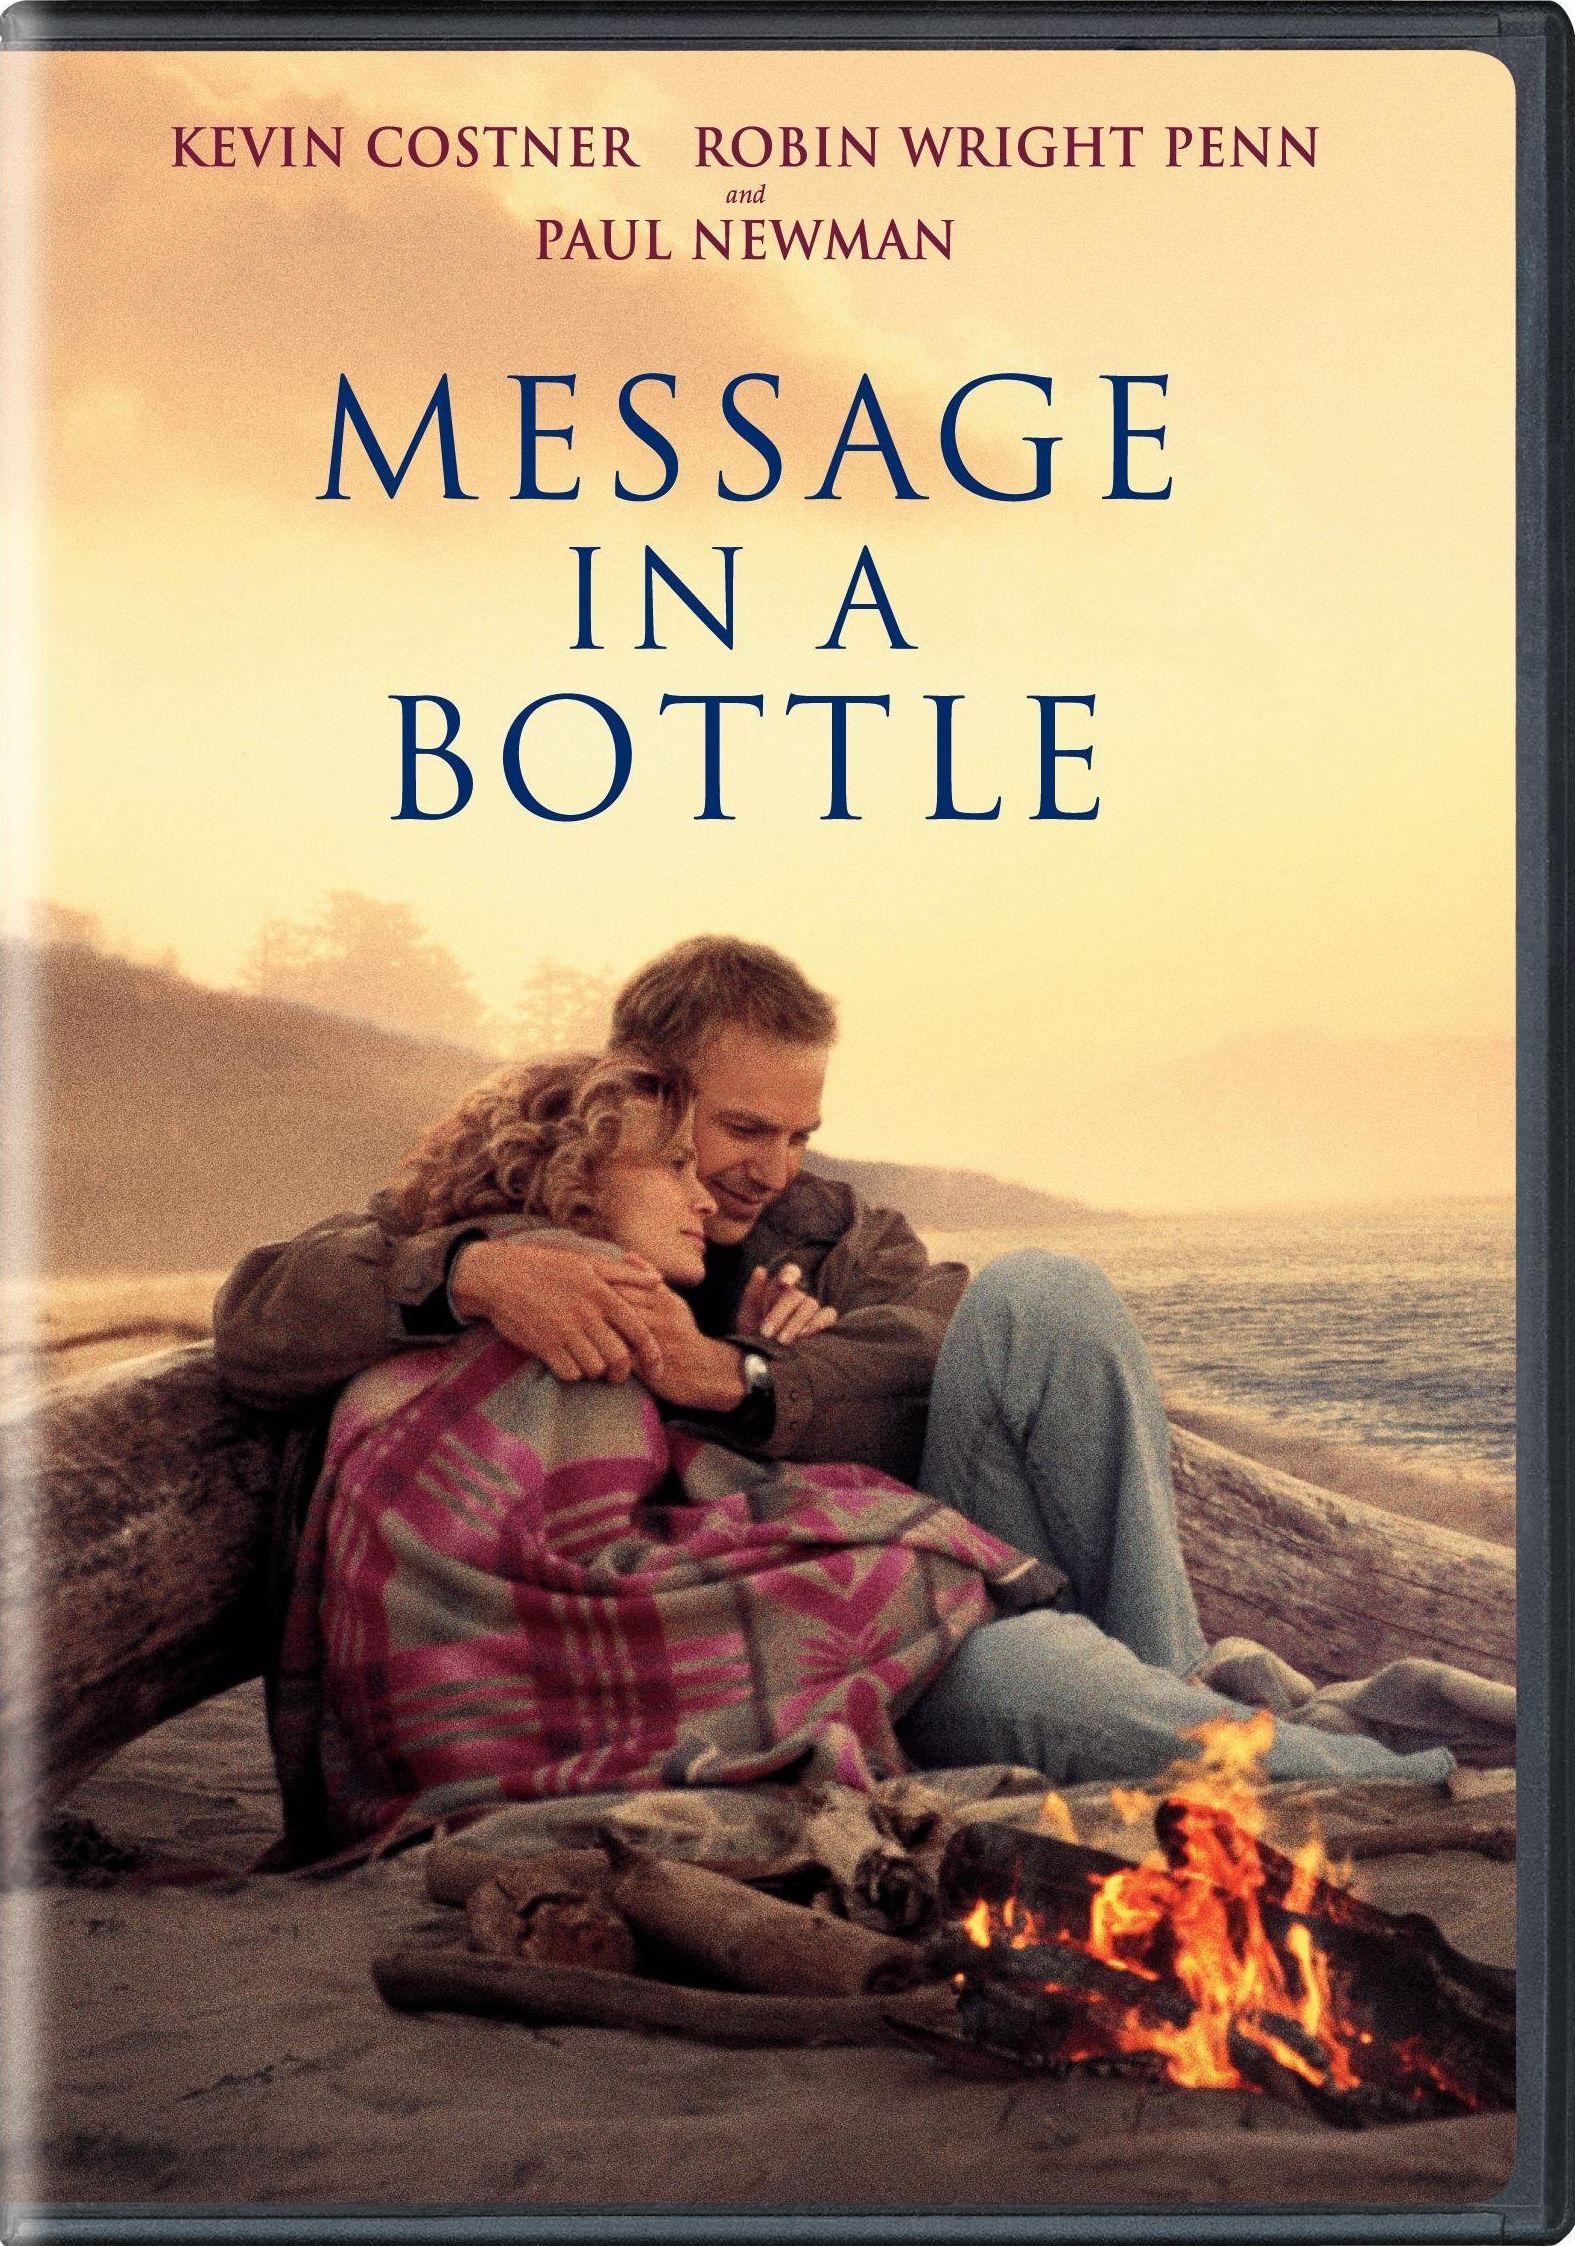 Message in a Bottle DVD Release Date